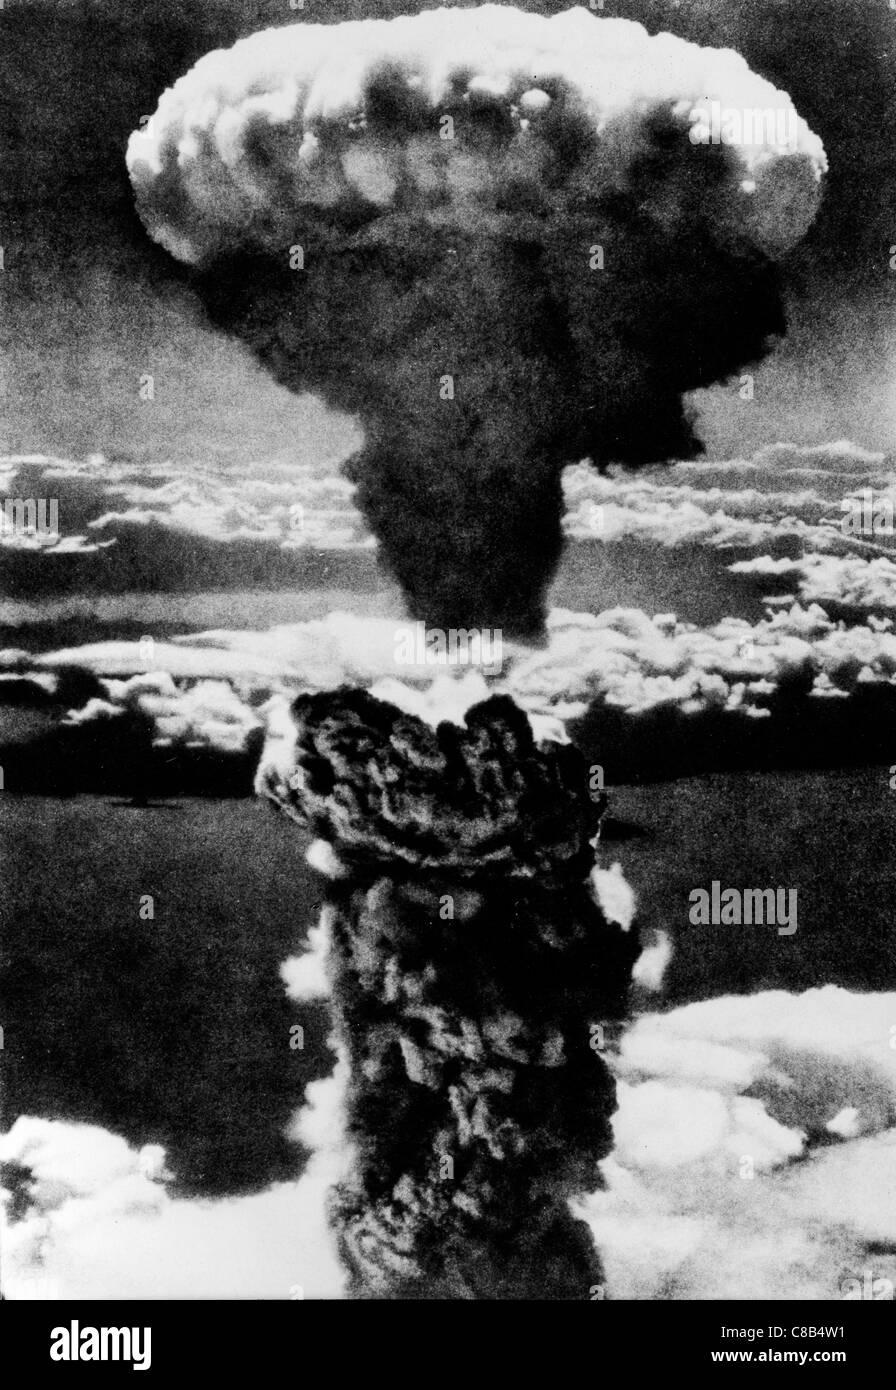 Esplosione atomica a Hiroshima,1945 Immagini Stock